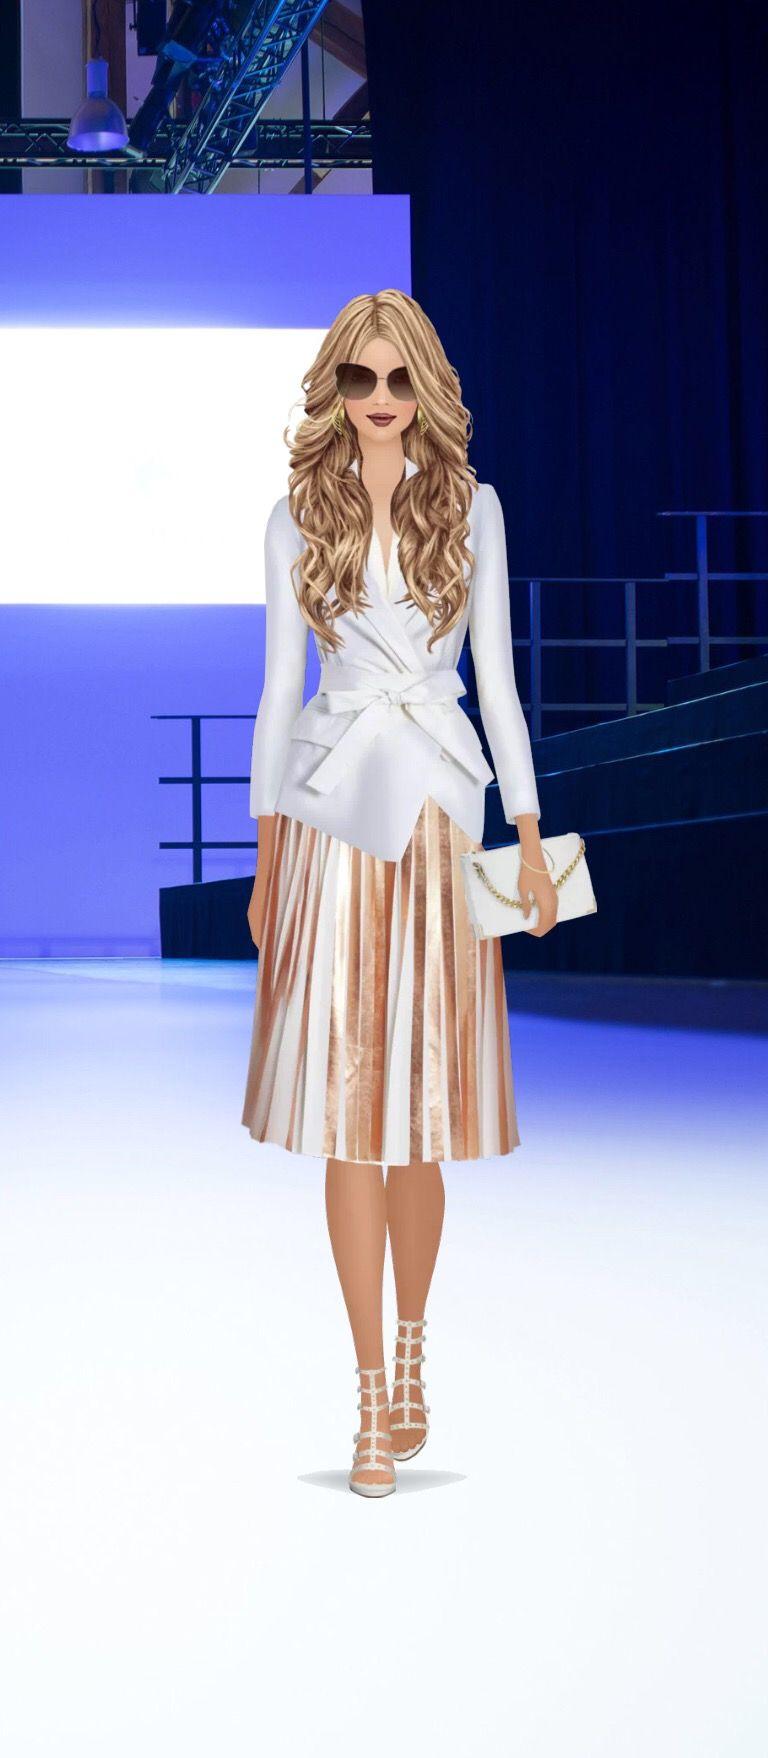 Nyc fashion show game